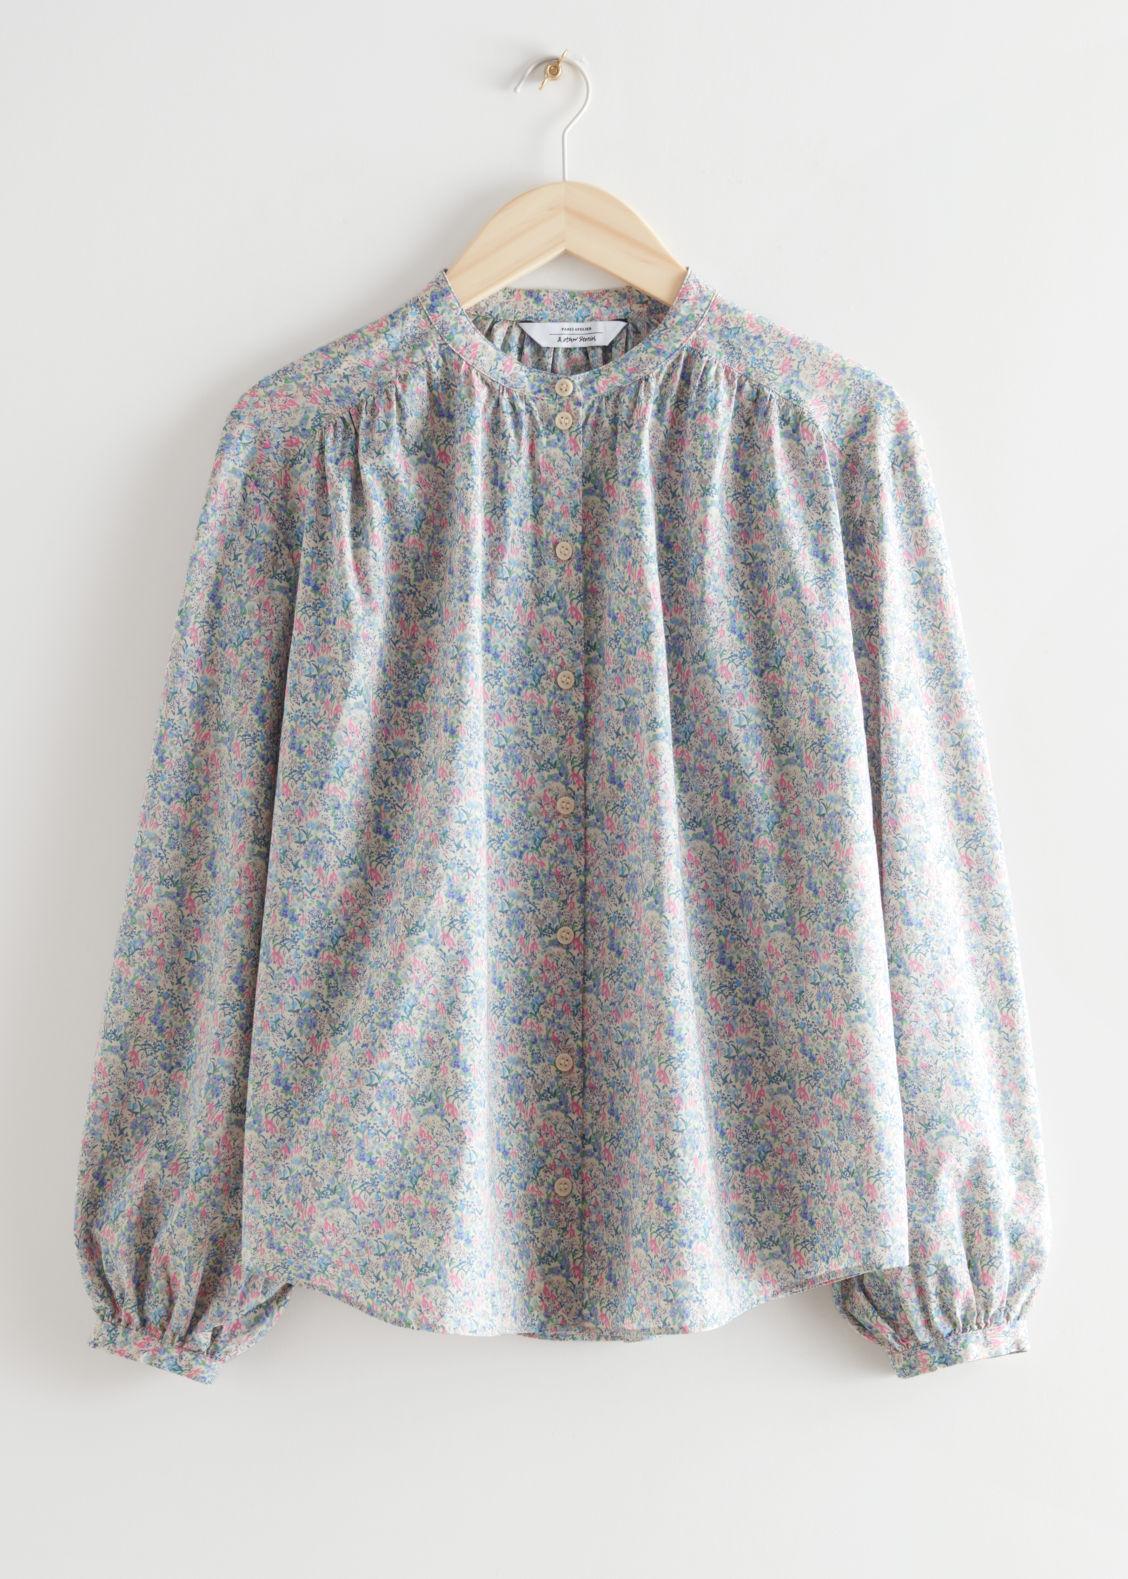 앤 아더 스토리즈 블라우스 & OTHER STORIES Printed Collarless Button Up Blouse,Floral Print